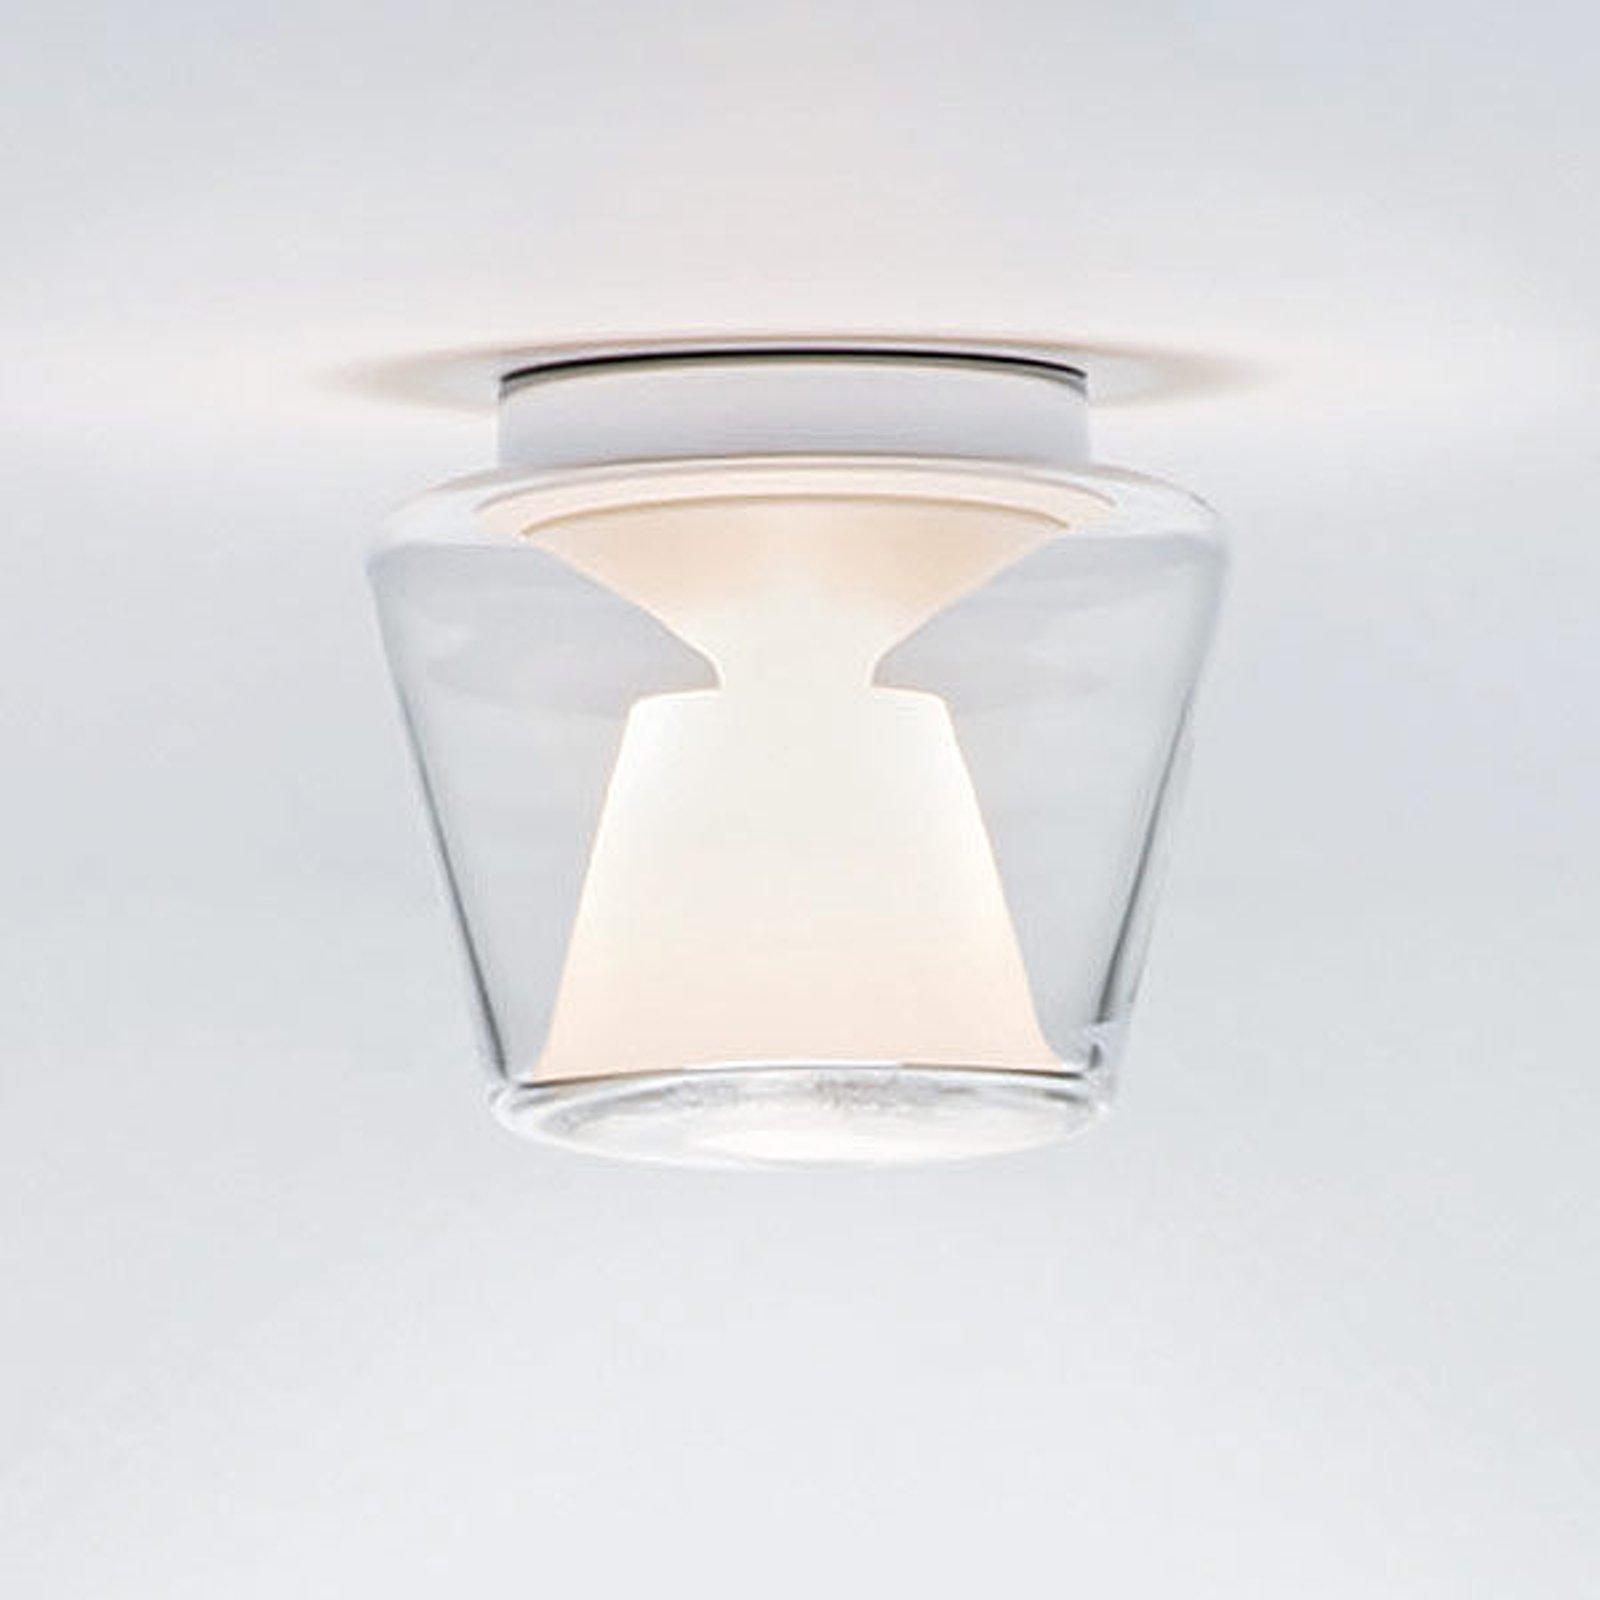 serien.lighting Annex S – LED-taklampe, opal